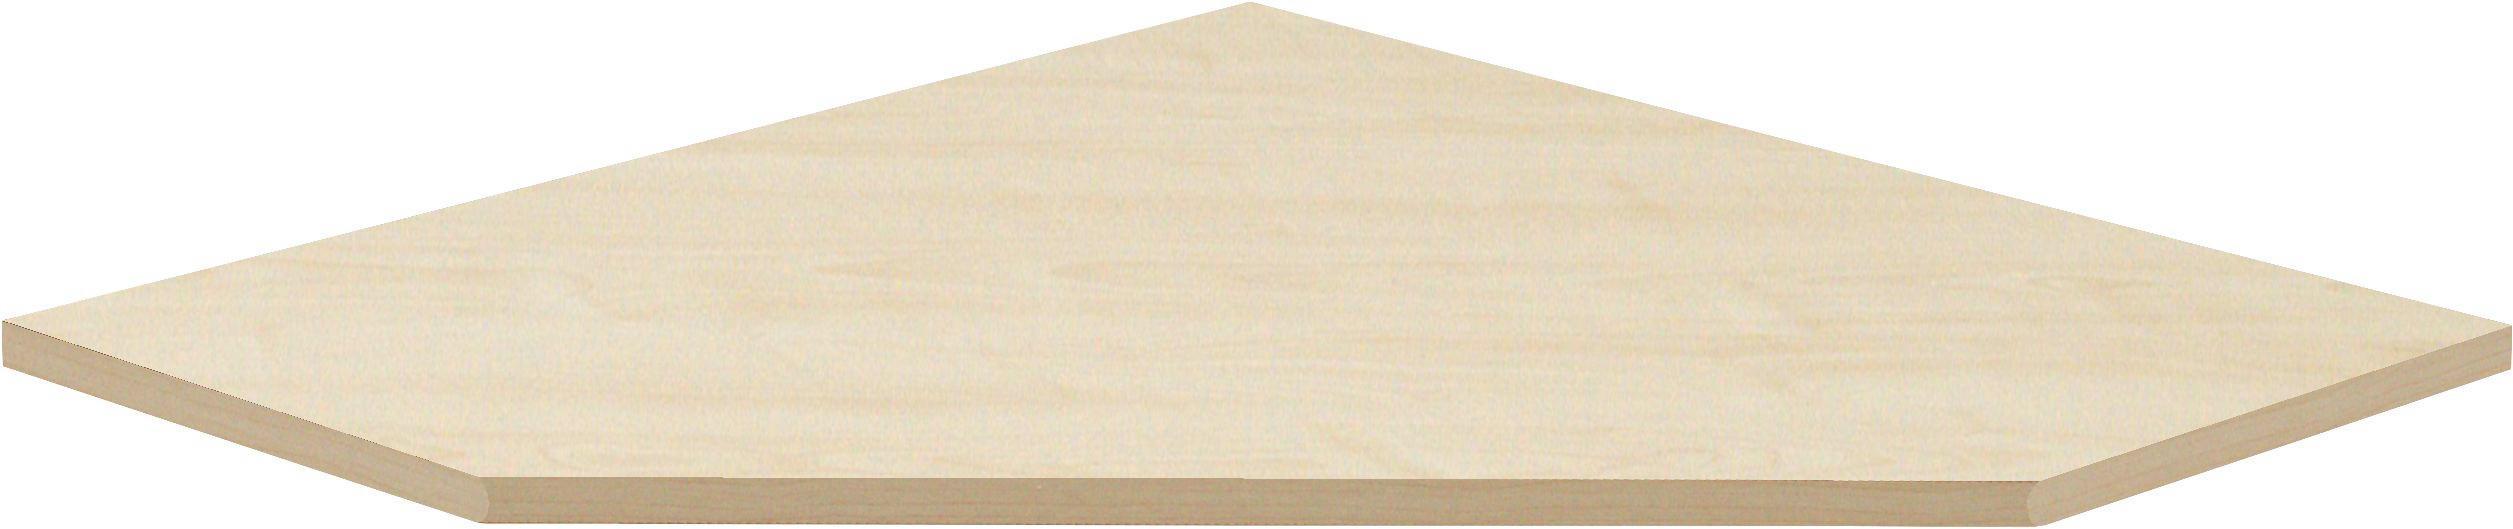 ECKVERBINDUNGSPLATTE - Ahornfarben, KONVENTIONELL, Holzwerkstoff (120/2/85cm) - CS SCHMAL